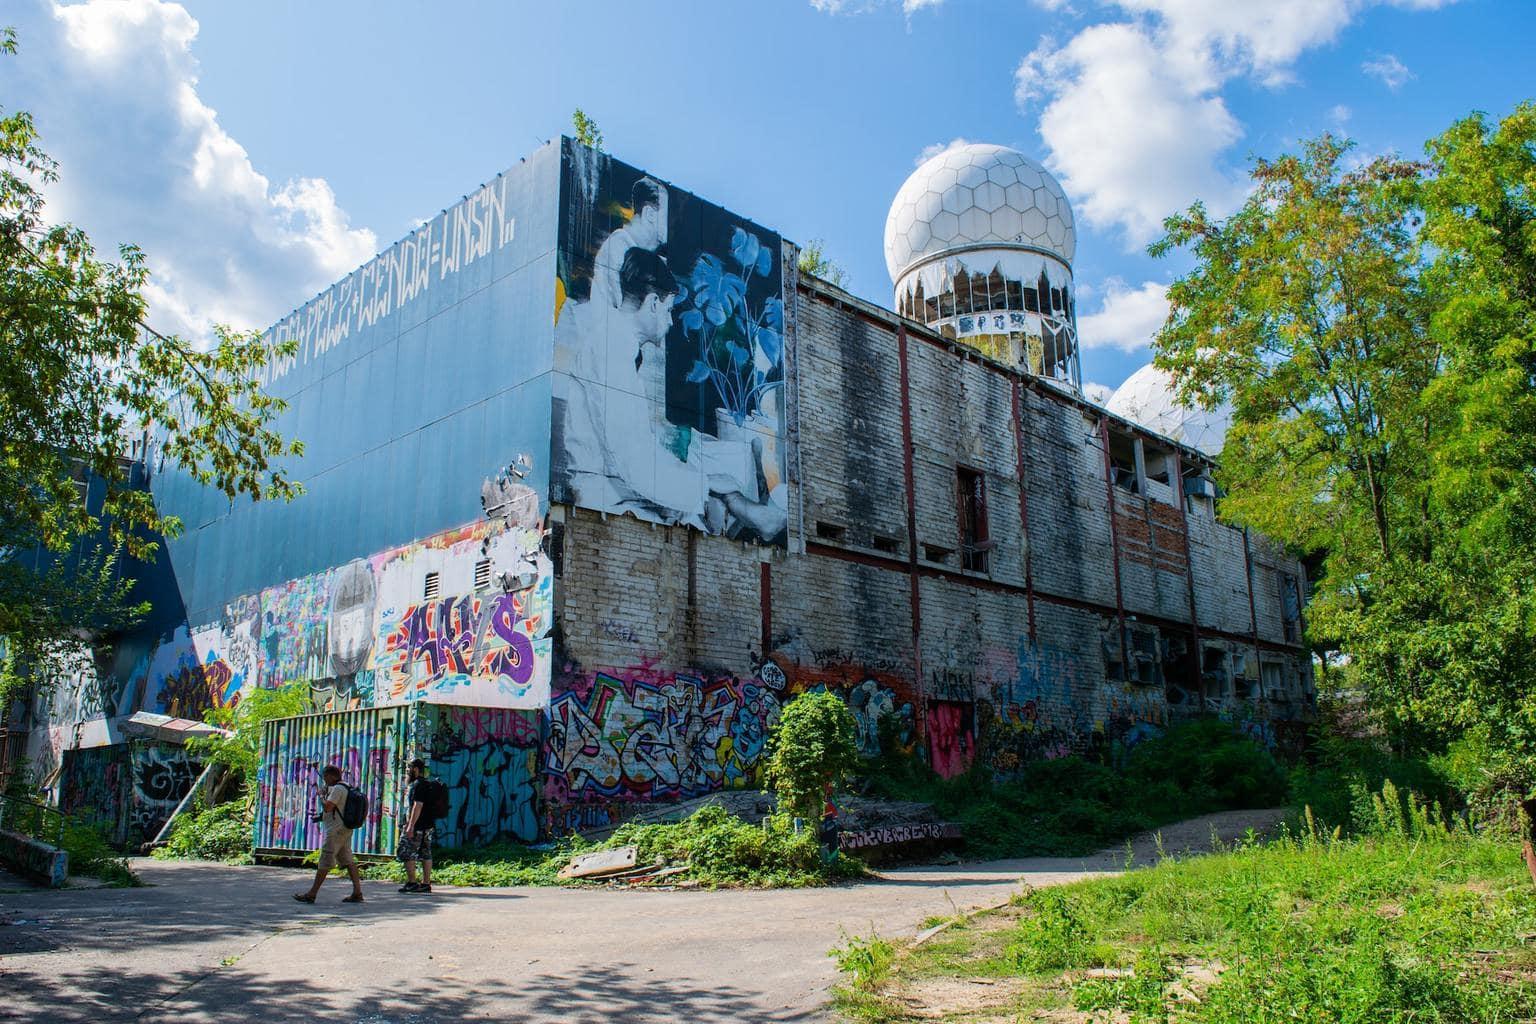 Een gebouw op de Teufelsberg in Berlijn met radarstation en murals